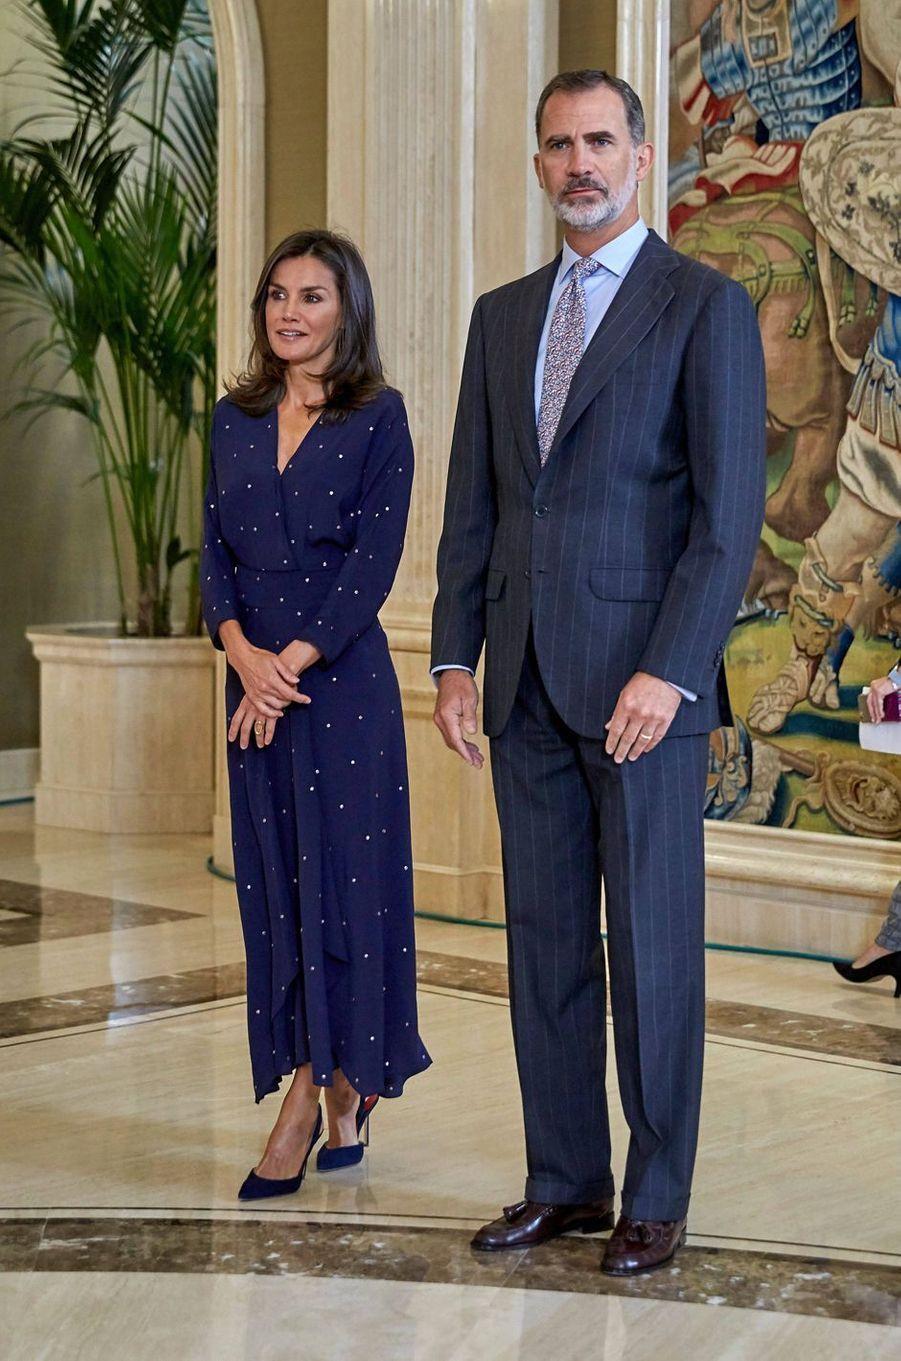 La reine Letizia avec le roi Felipe VI d'Espagne à Madrid, le 3 septembre 2019